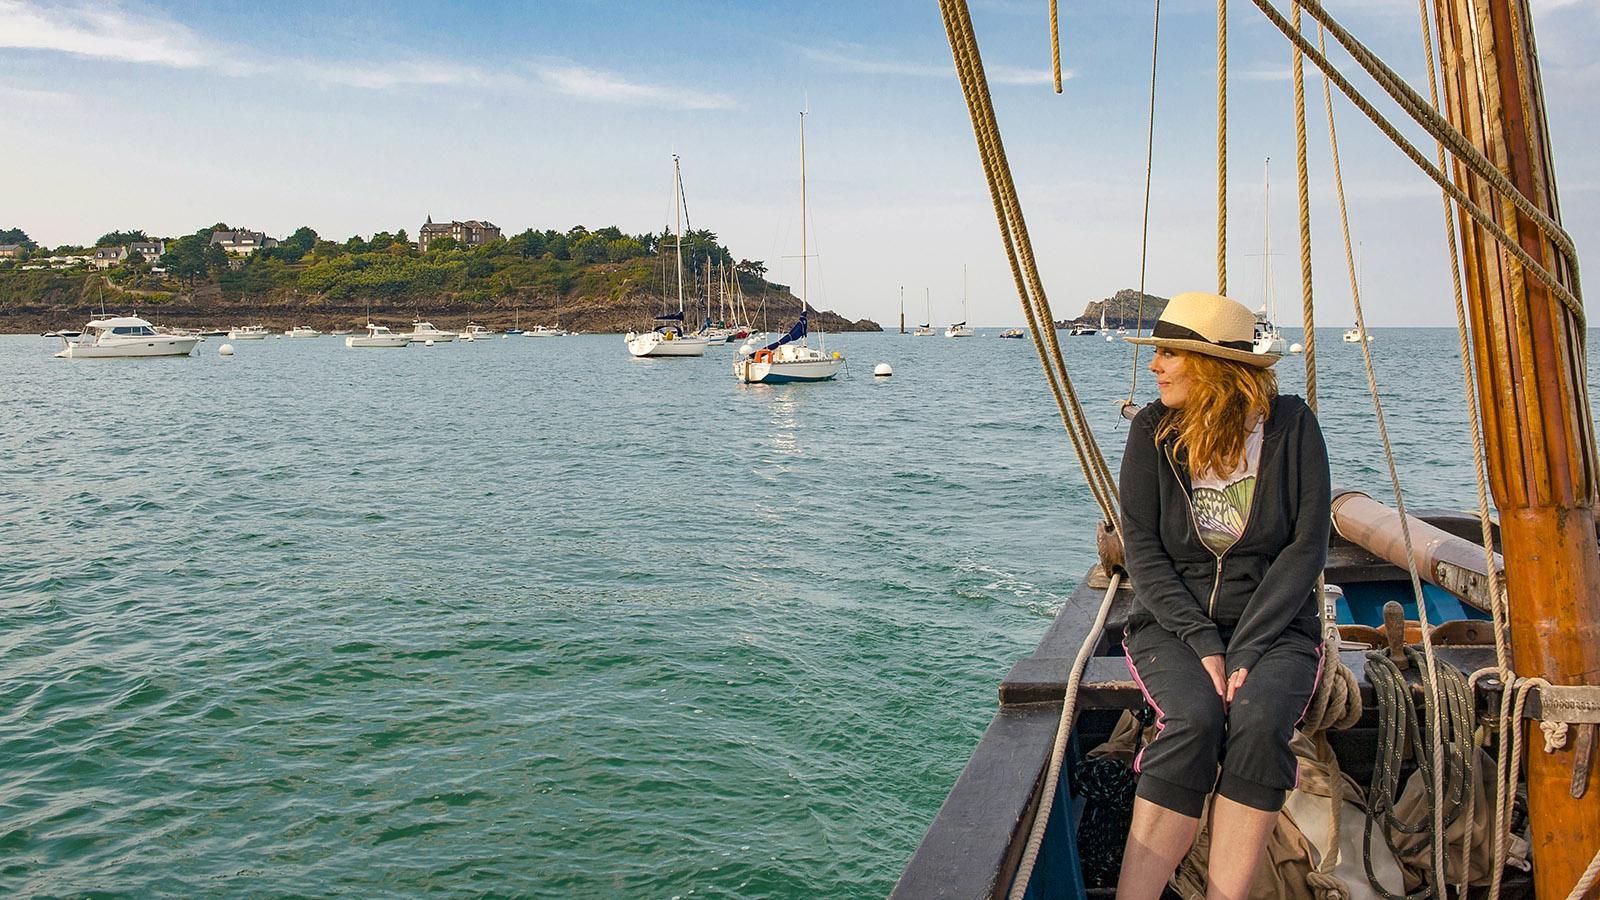 Cuisine Corsaire: Sura, die Freundin von Emmanuel Tessier, blickt auf die Bucht von Cancale. Foto: Maunder